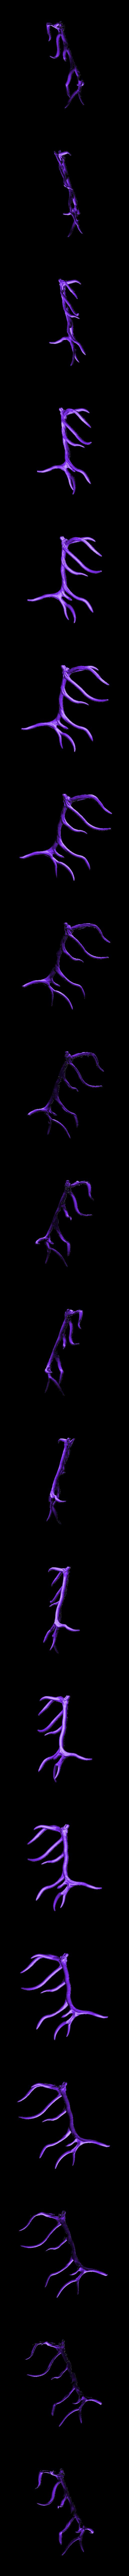 Free_ELK_L.stl Download free STL file The Deer Gods - Trophy Mount • 3D printing template, beldolor